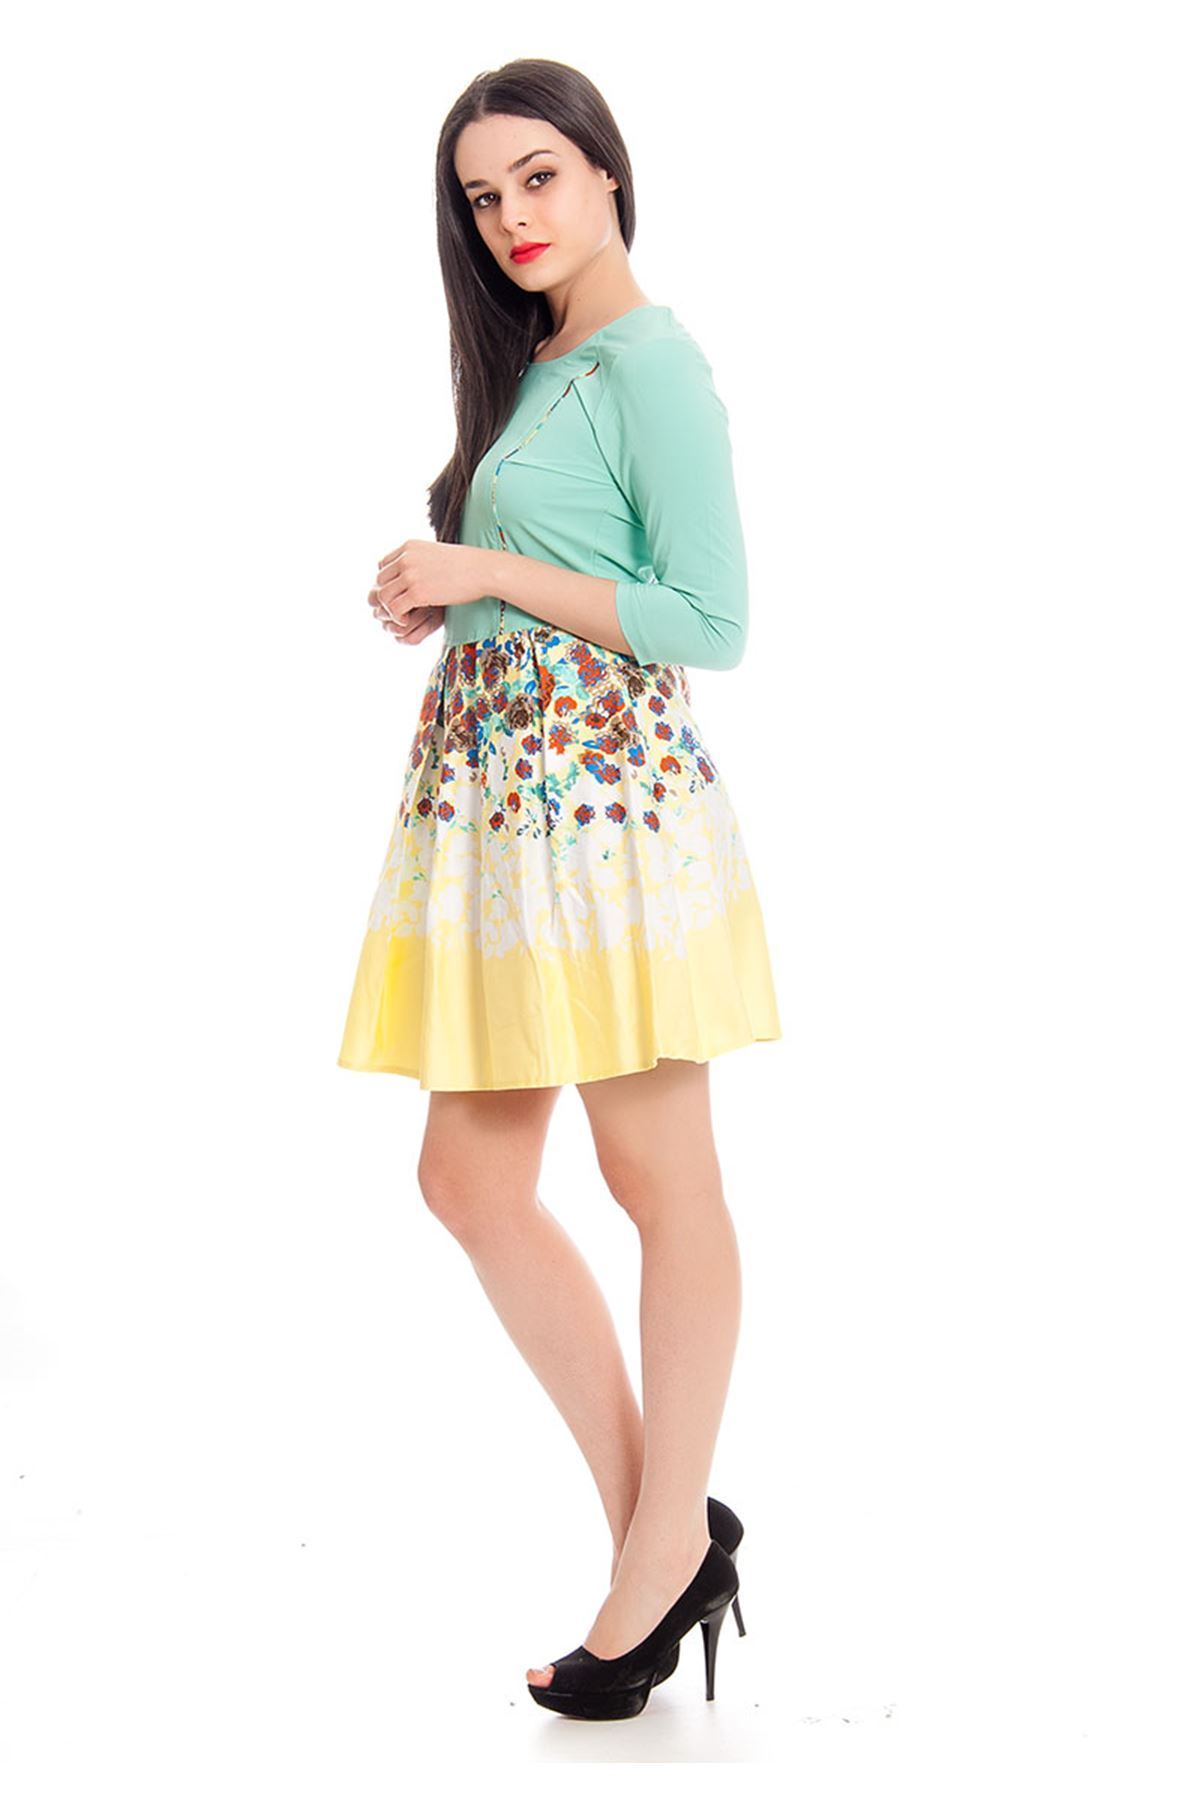 Mint Yeşili Çiçek Desenli Kadın Elbise J11-130282